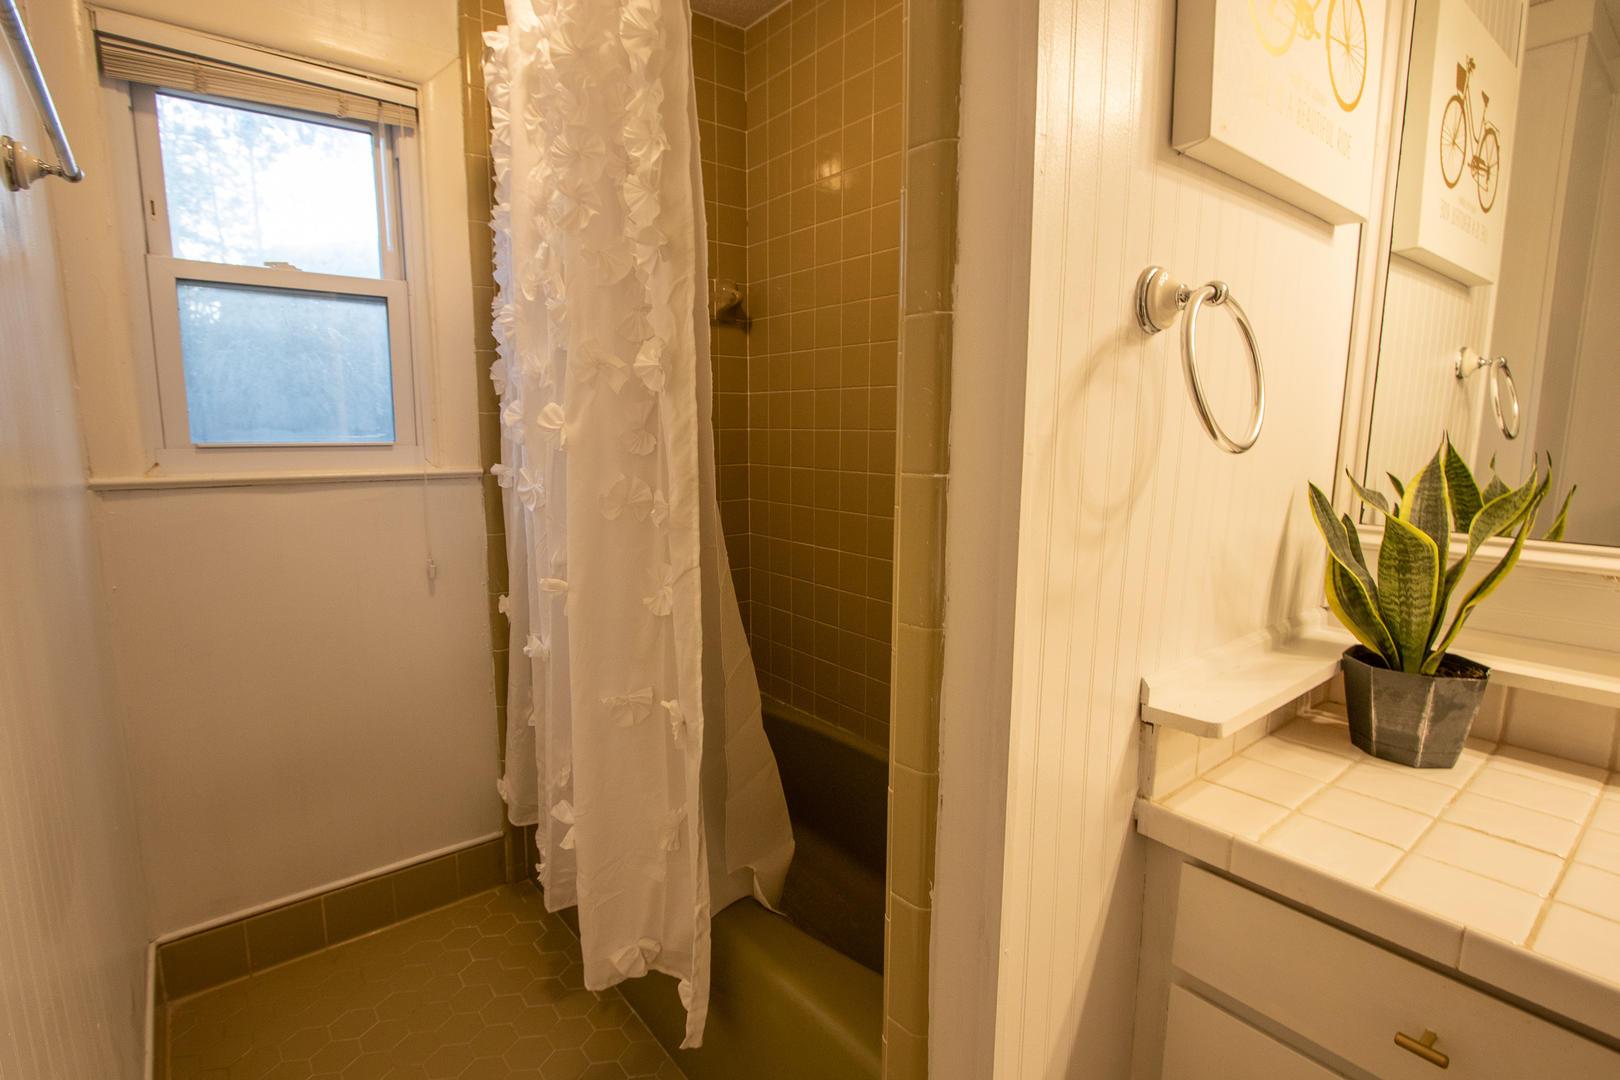 Hallway bath between bedrooms 2 and 3